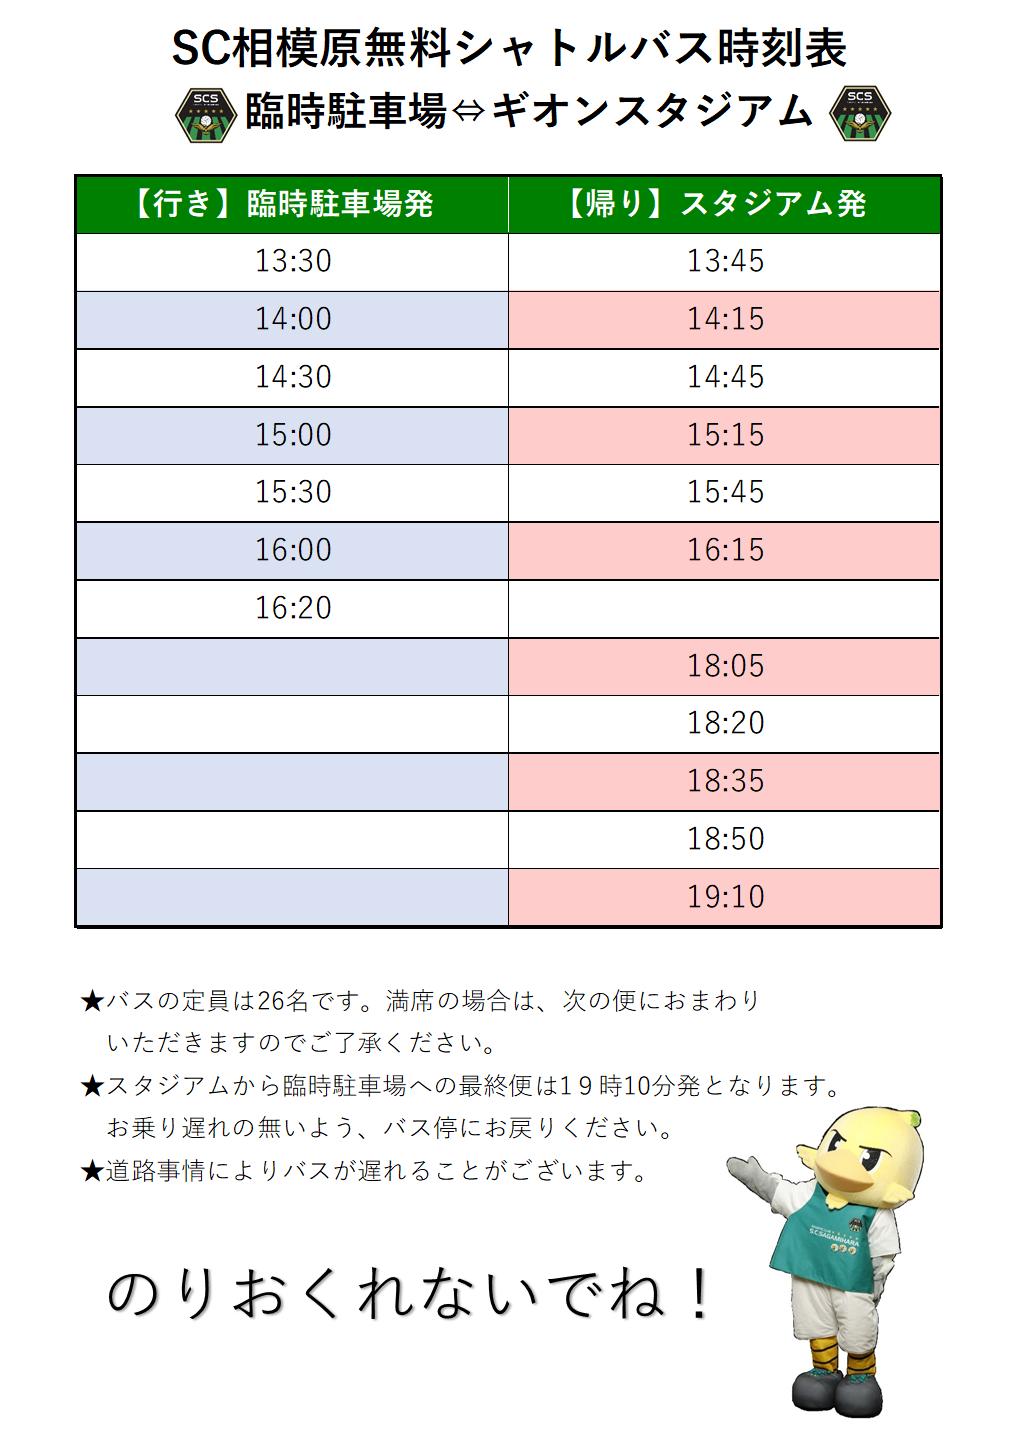 バス時刻表16時キック.png